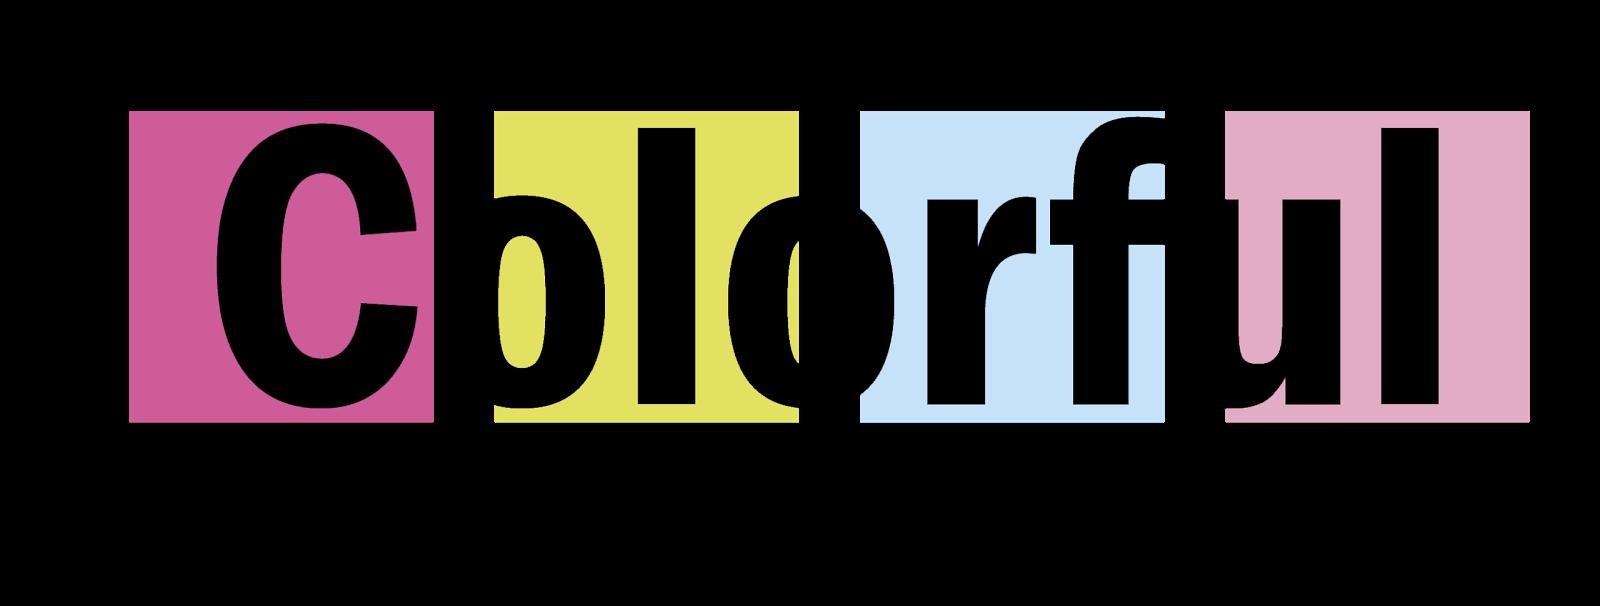 Znalezione obrazy dla zapytania wydawnictwo colorful media